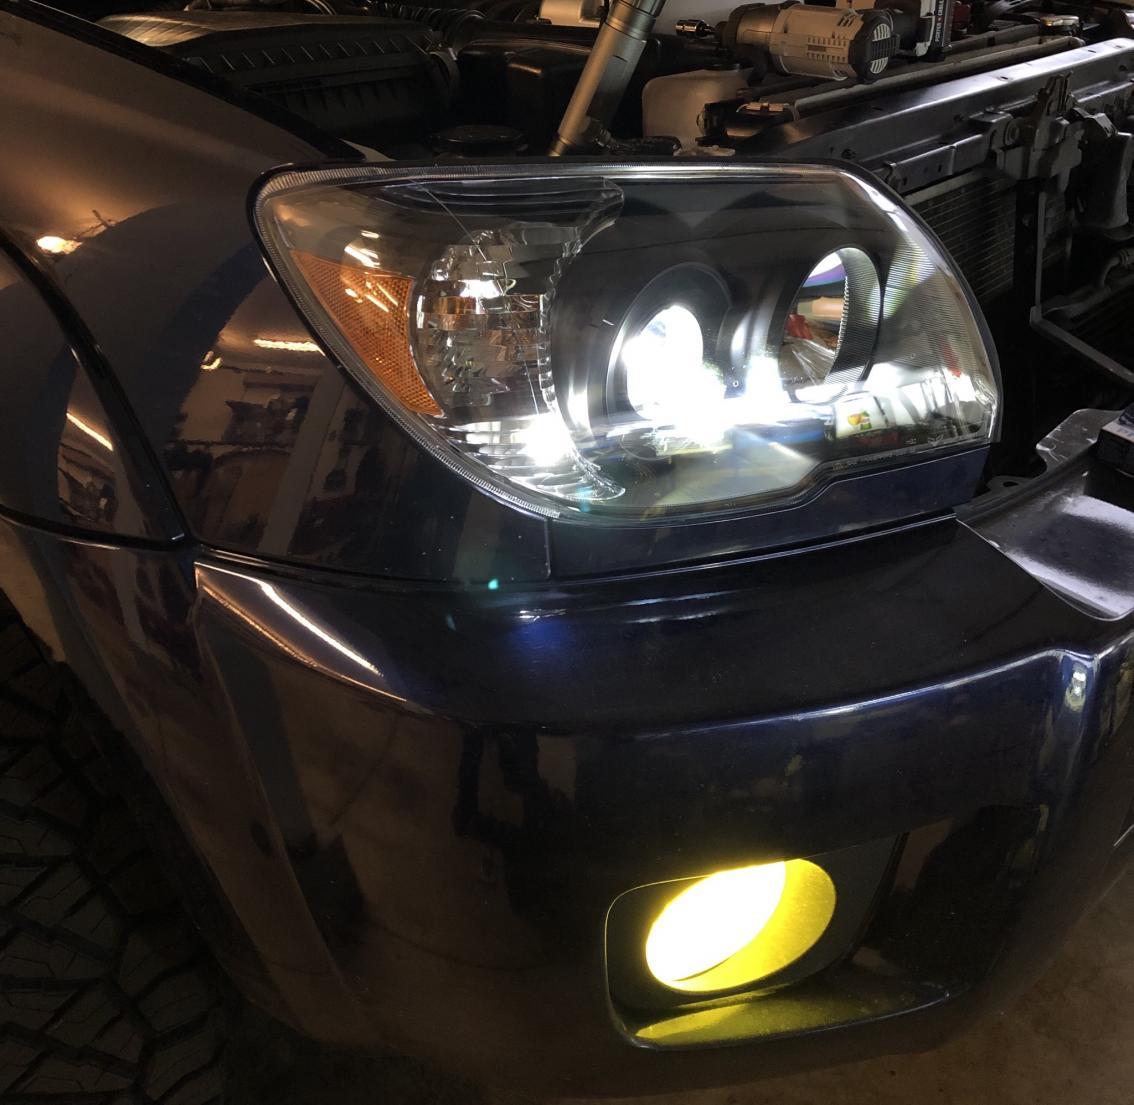 06-09 LED headlight bulbs. MUST TRY list-864f9d13-8e26-4846-ac4a-5cebbe7b715a-jpg